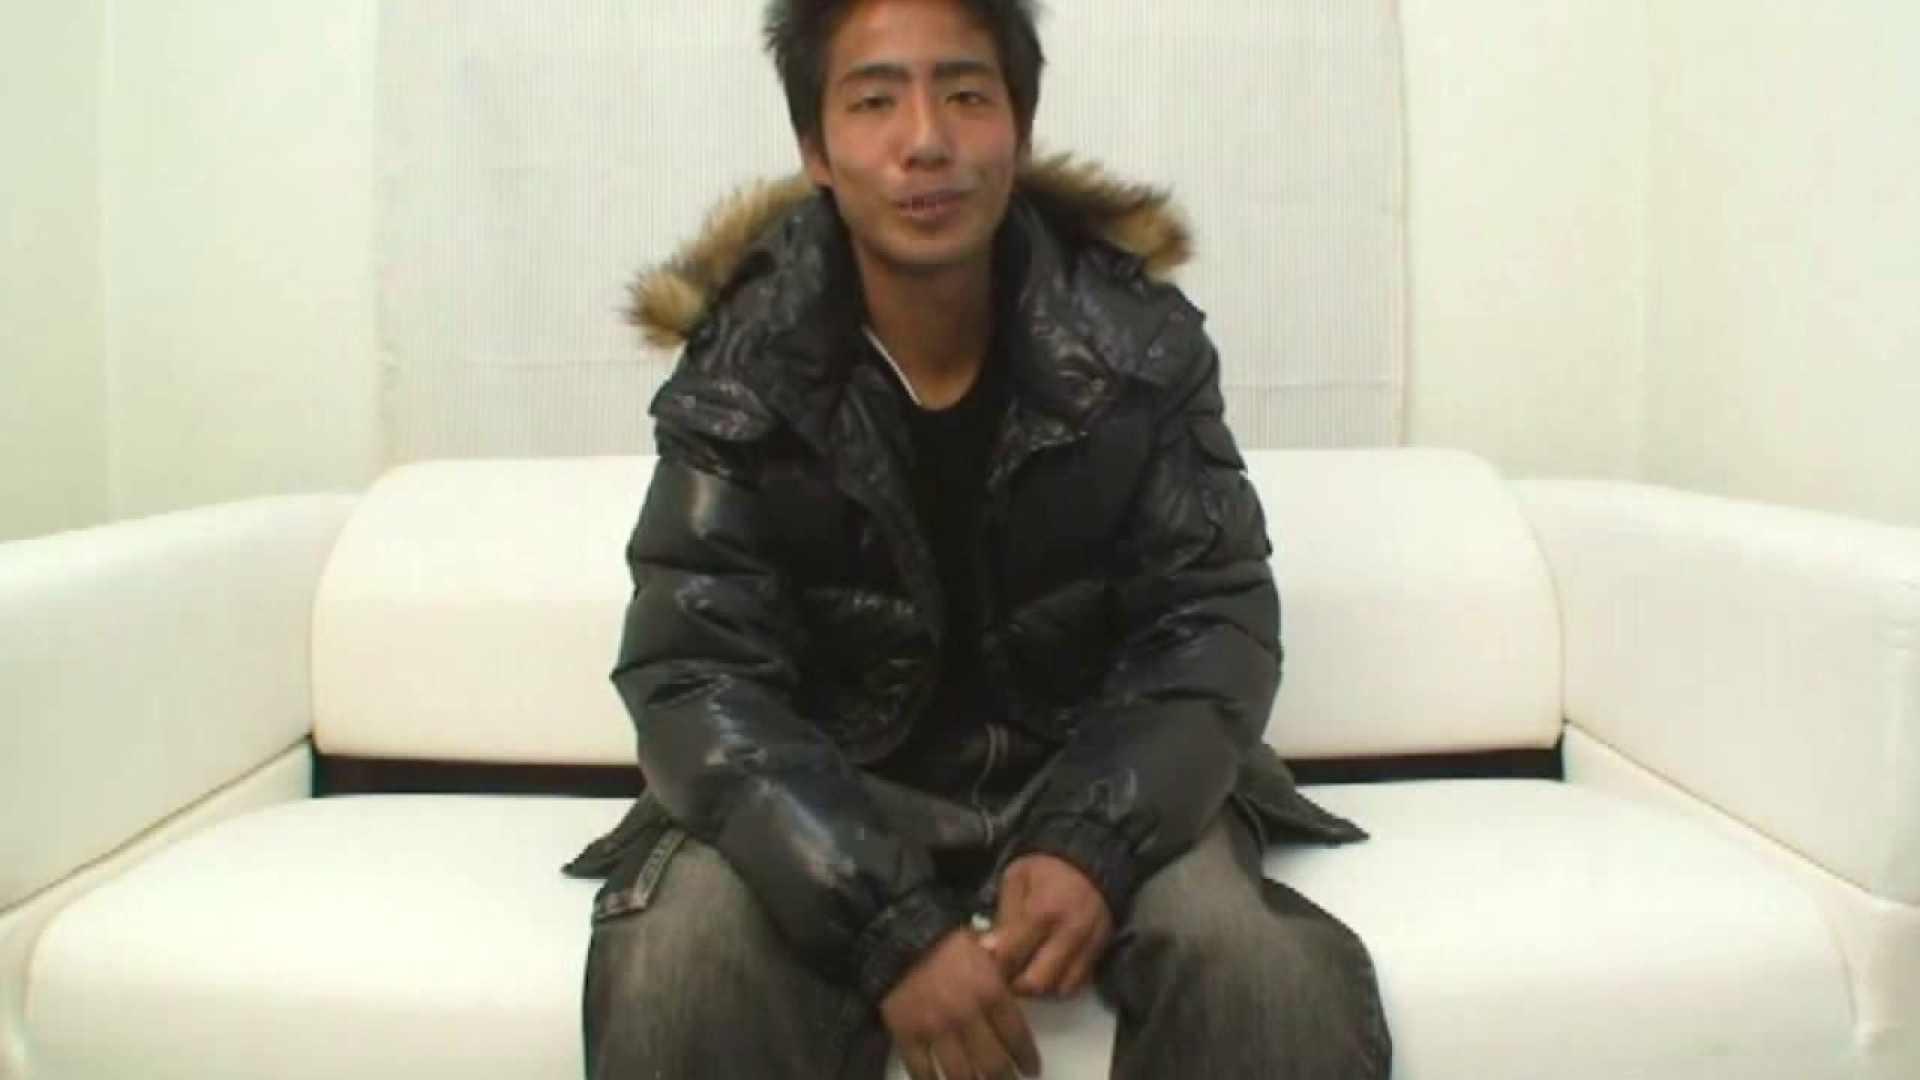 ノンケ!自慰スタジオ No.30 メンズ大学生 ゲイ無料エロ画像 95画像 41